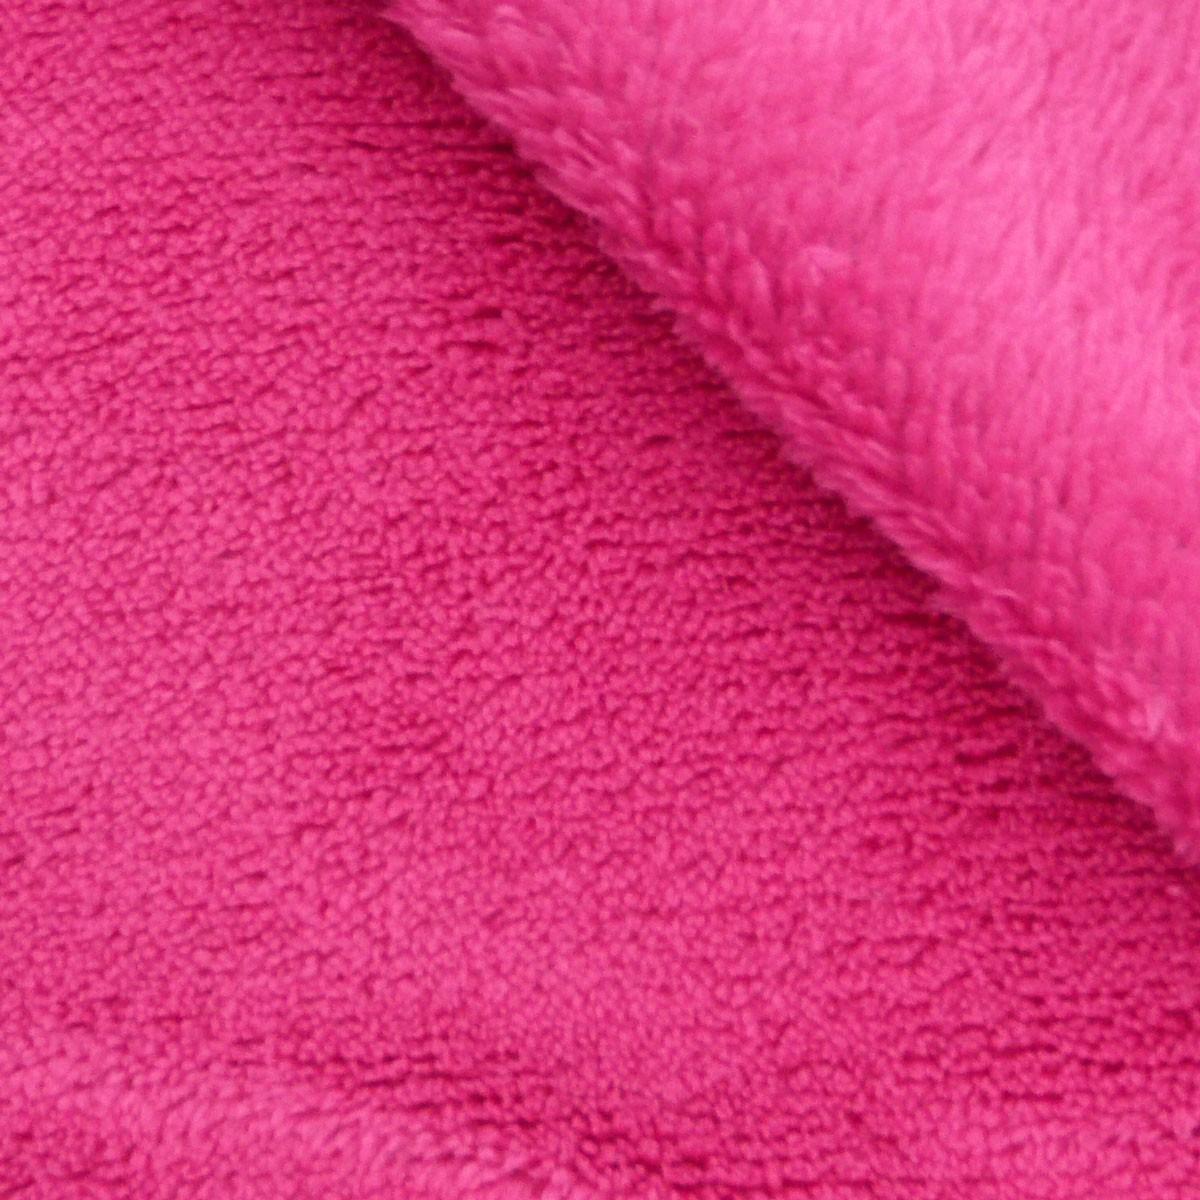 Decke Farbe Fuchsia: Wohndecke Mikrofaserdecke Kuscheldecke Plaid Justin Pink